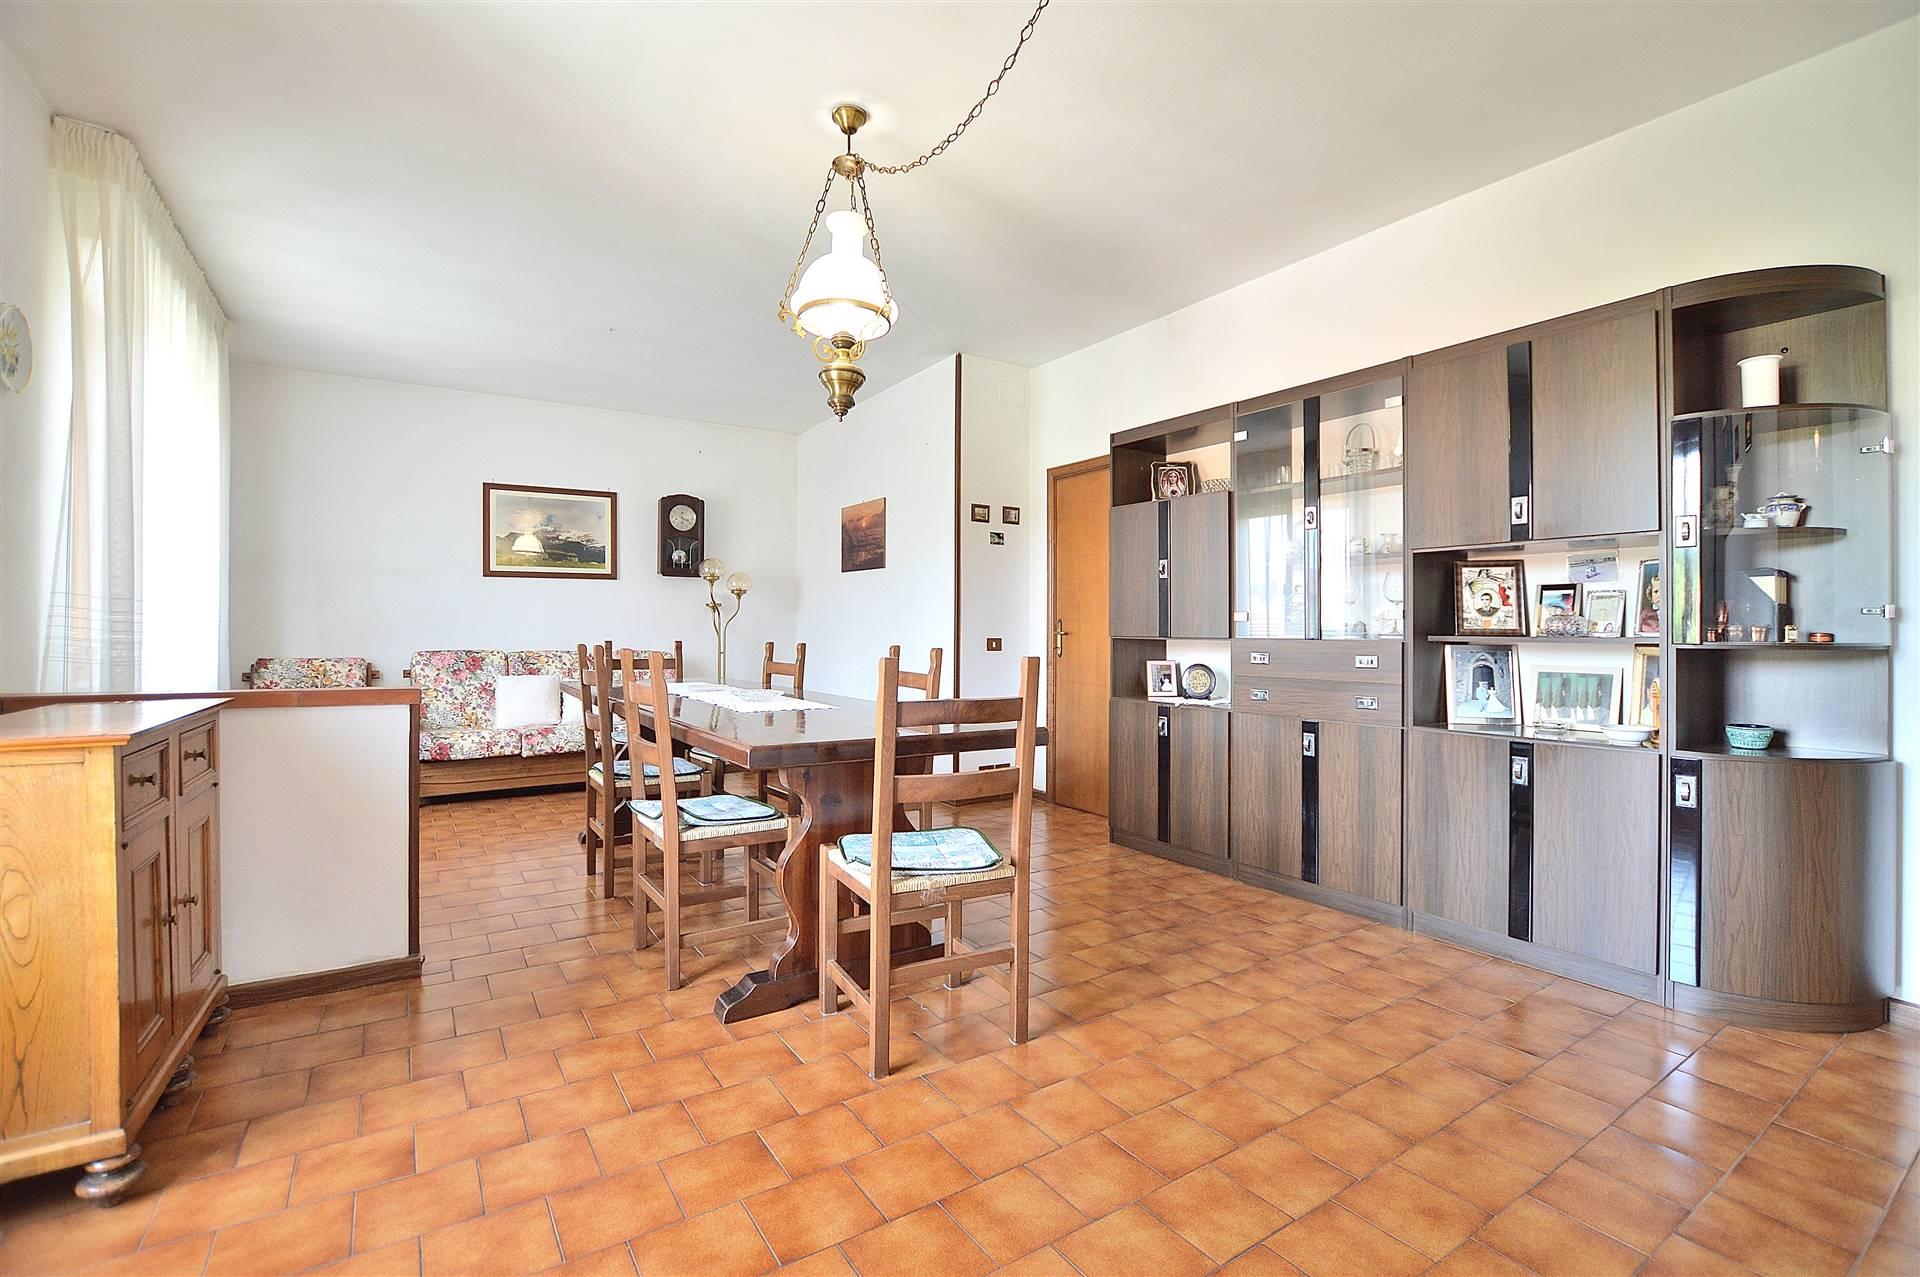 Monteroni d'Arbia, in zona servita e tranquilla vicino al Centro Commerciale, proponiamo grande appartamento posto al secondo ed ultimo piano di una